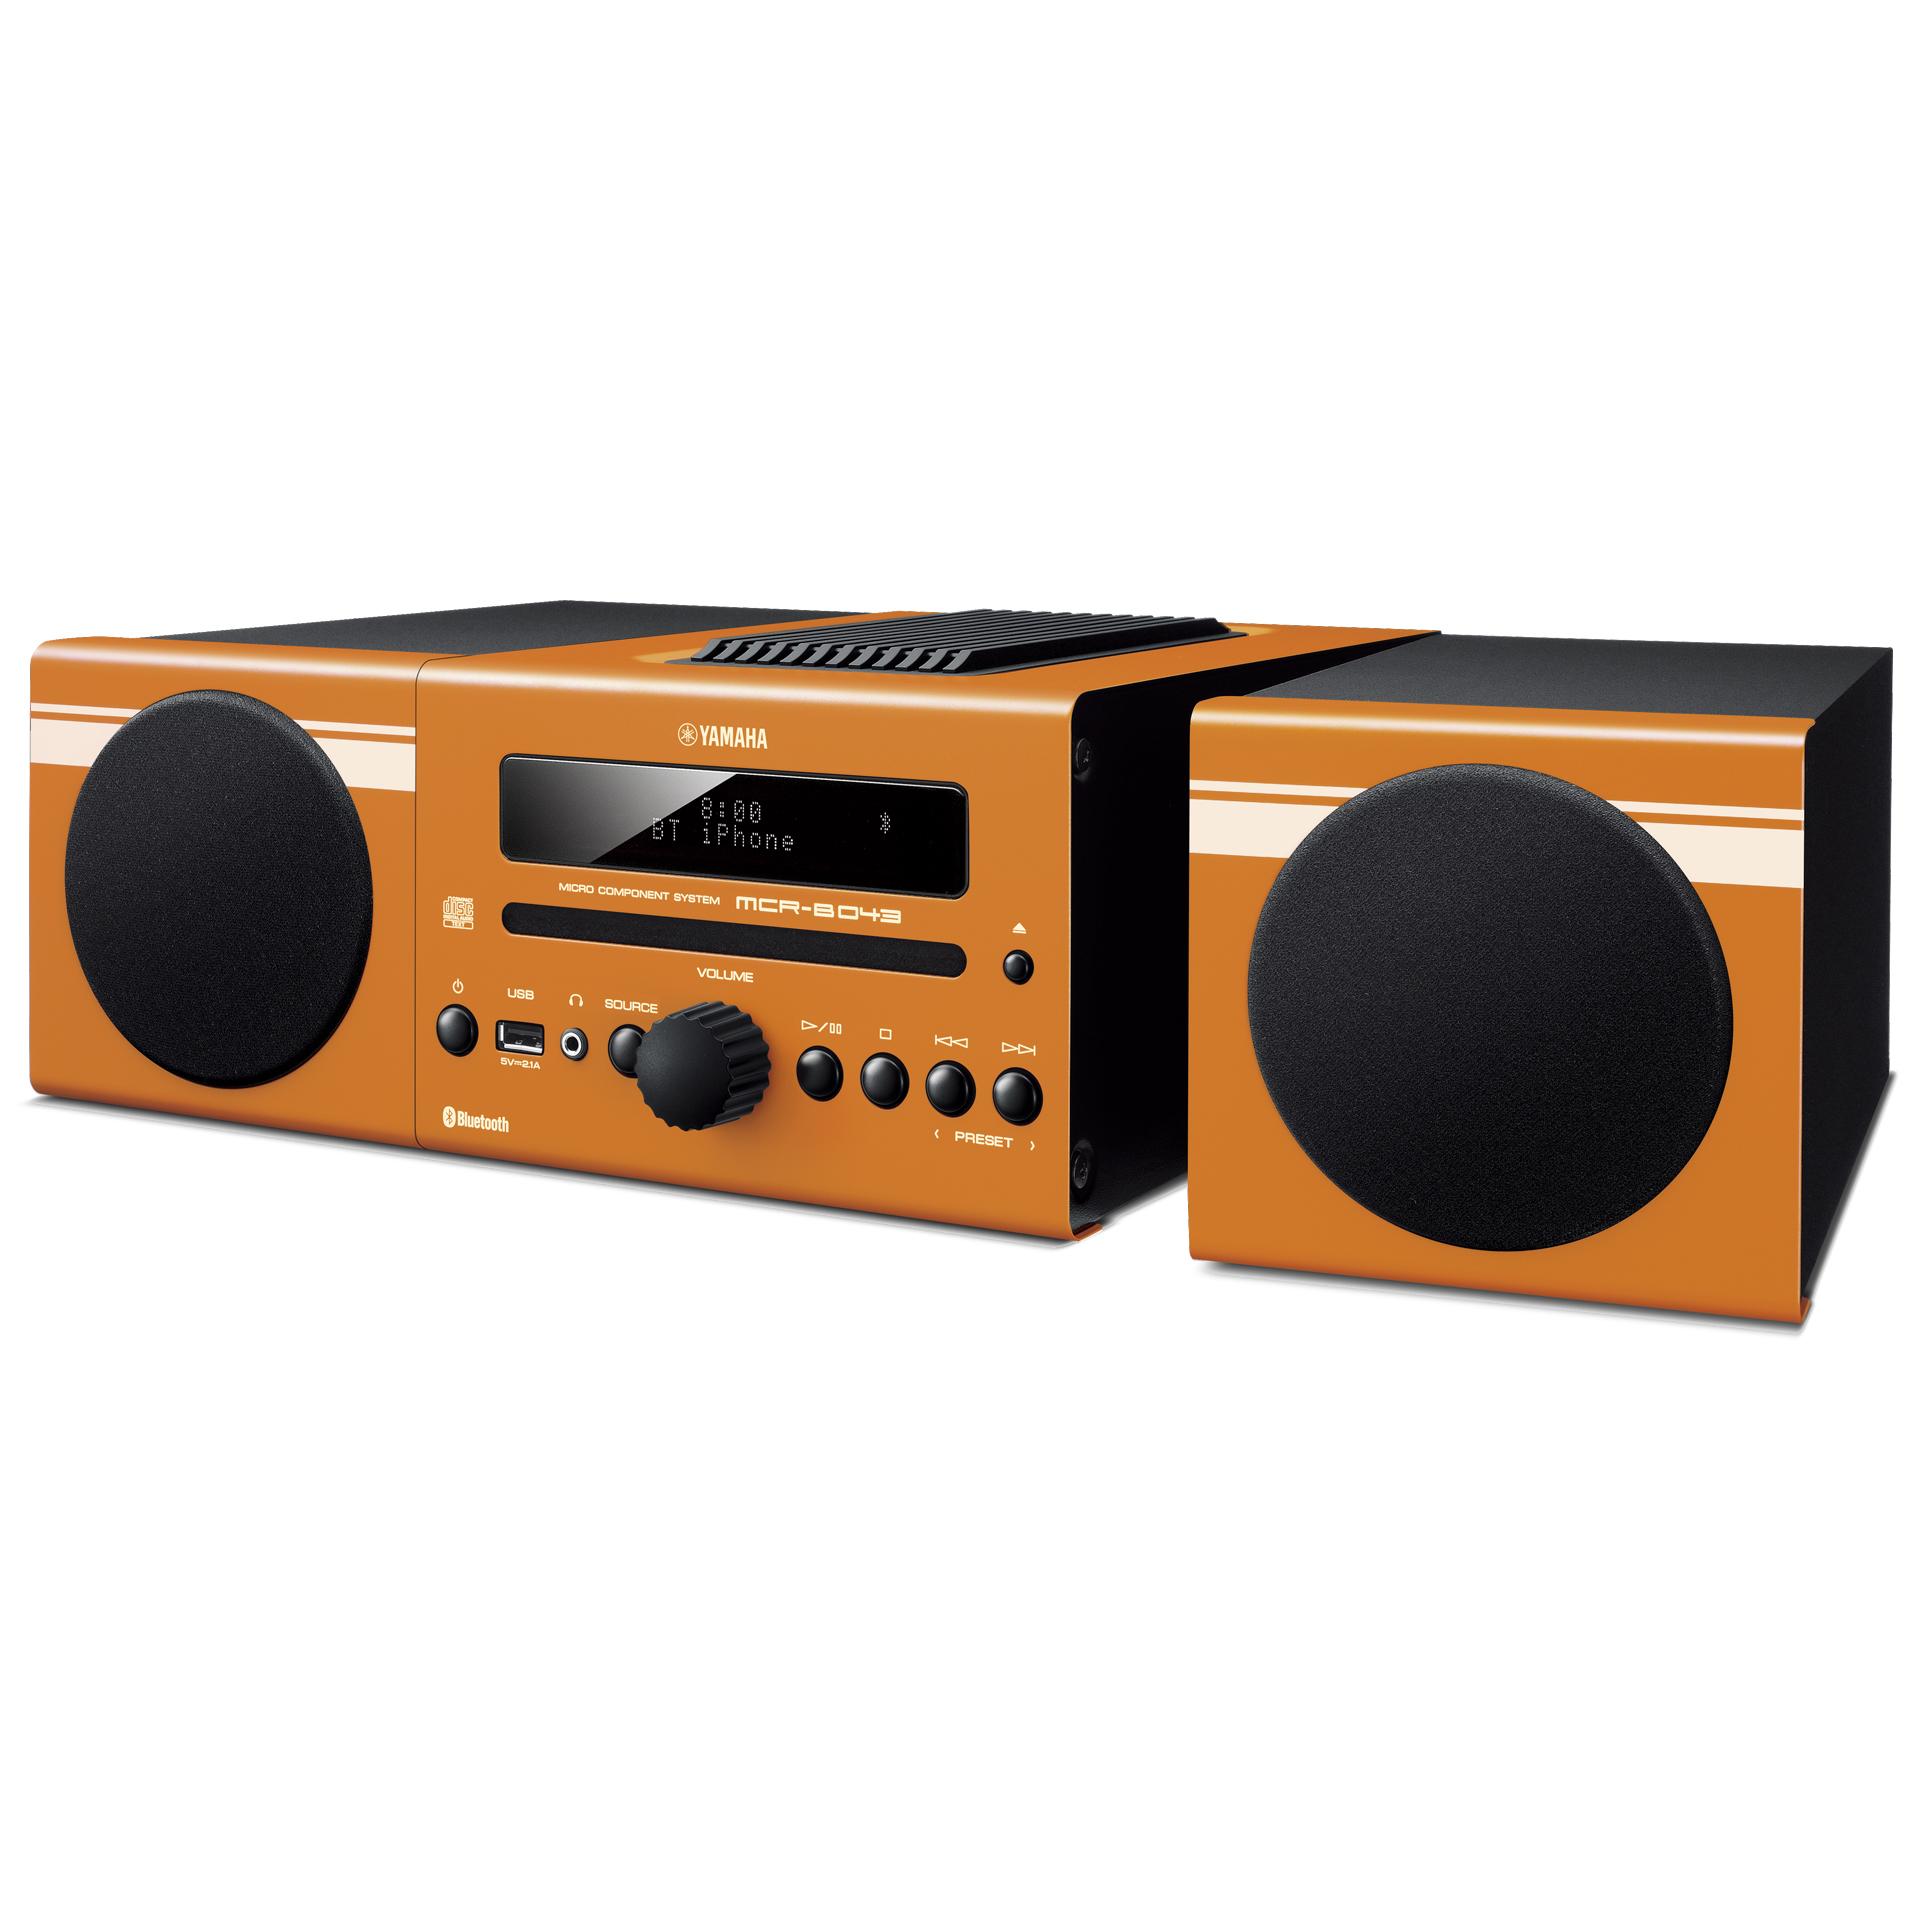 写真を拡大する - MCR-B043 - システムコンポ - ヤマハ株式会社 Yamaha Audio